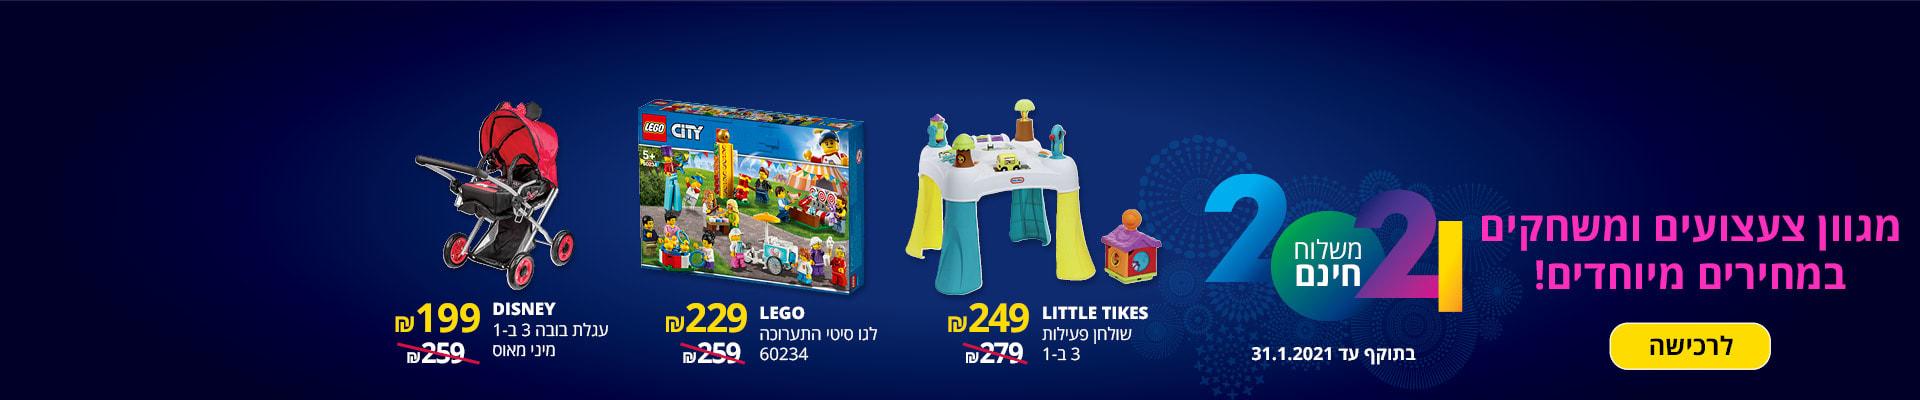 מגוון צעצועים ומשחקים במחירים מיוחדים! LITTLE TIKES שולחן פעילות 3 ב- 1 249 ₪ , LEGO לגו סיטי התערוכה 60234 229 ₪ , DISNEY, עגלת בובה 3 ב- 1 199 ₪ , משלוח חינם לרכישה בתוקף עד 31.1.2021